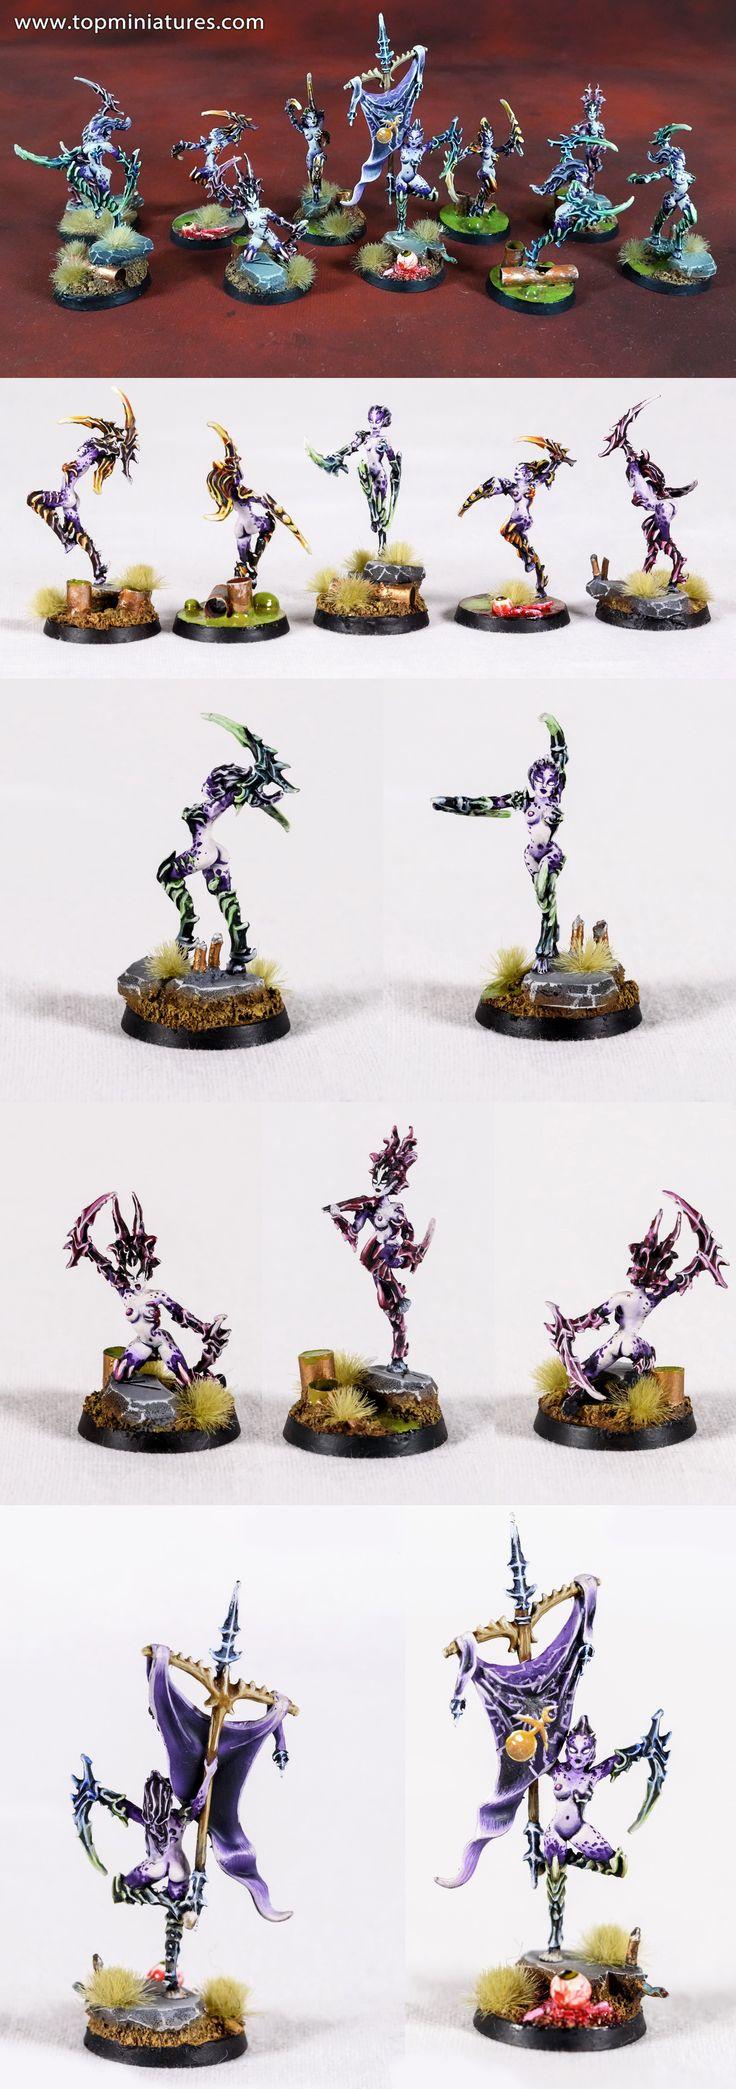 Warhammer 40k chaos daemons daemonettes of slaanesh